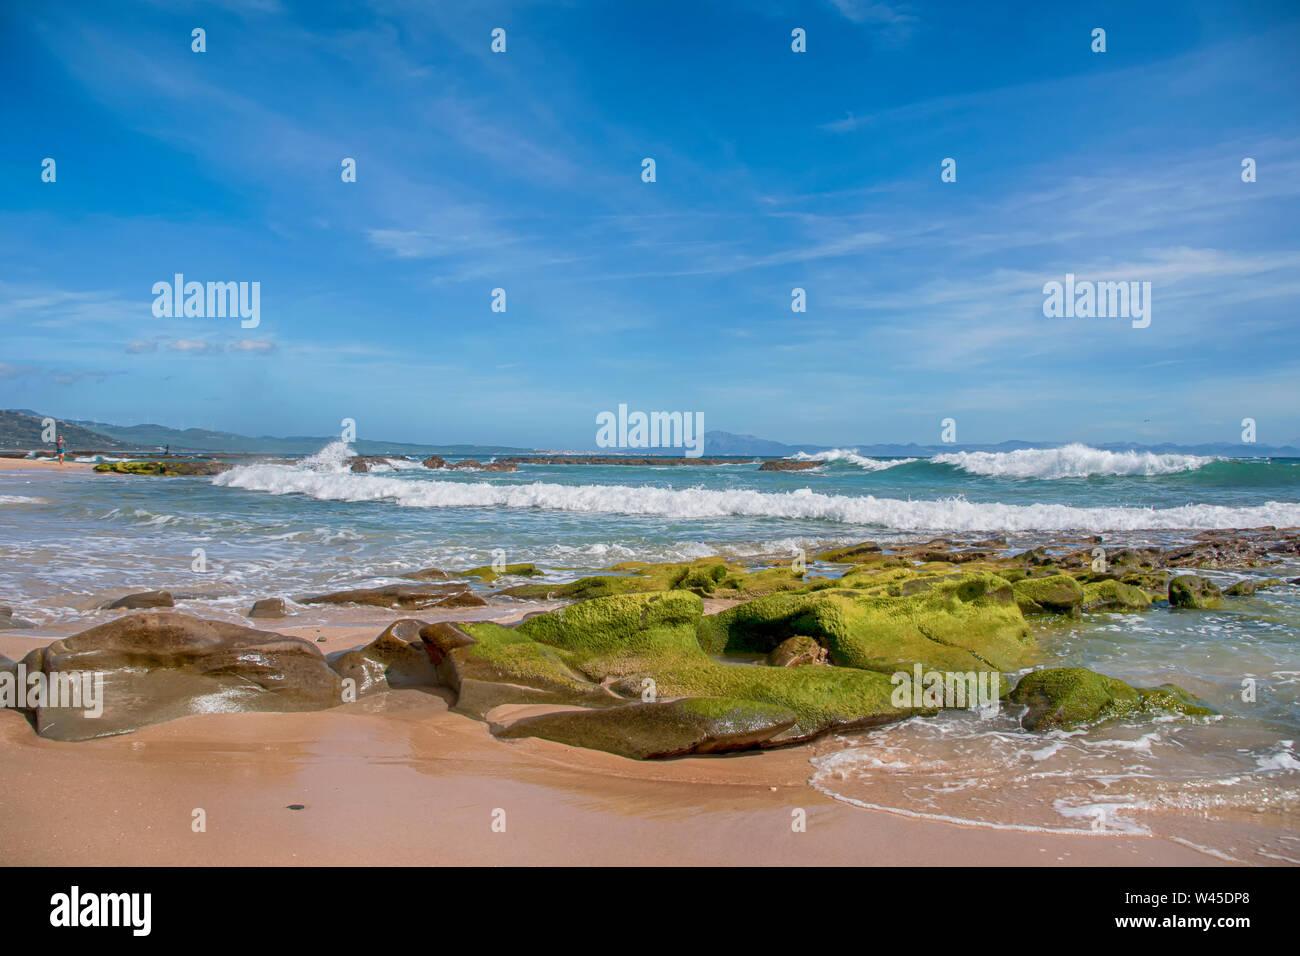 Beautiful virgin beaches of Andalusia, Valdevaqueros in Cadiz province Stock Photo